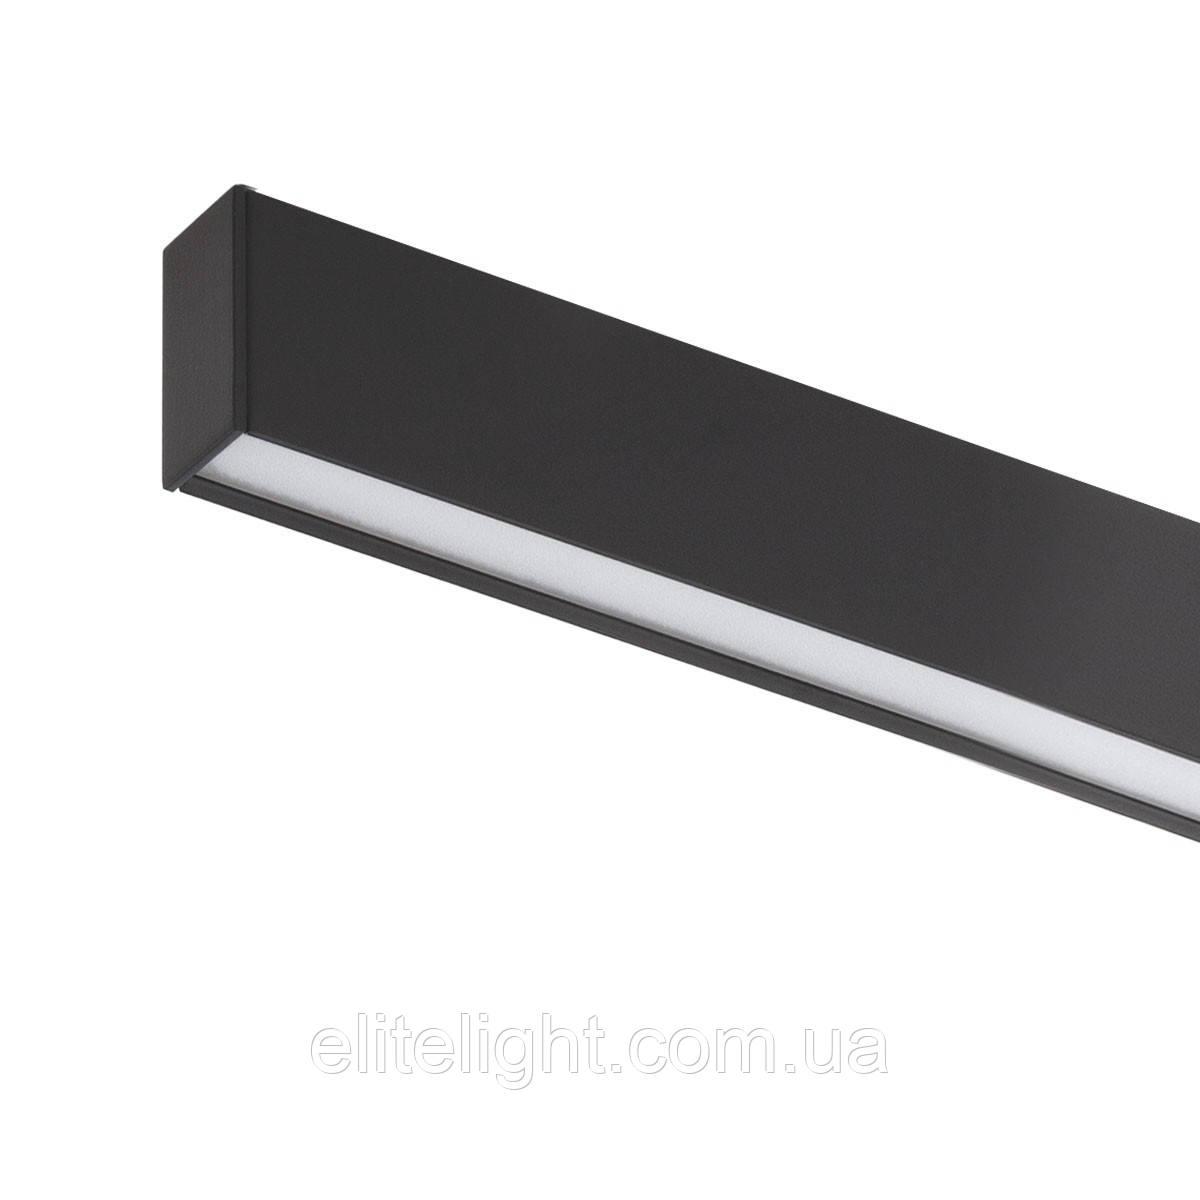 Линейный светильник для магнитного трека Arelux XTRIM S CORP LINIAR